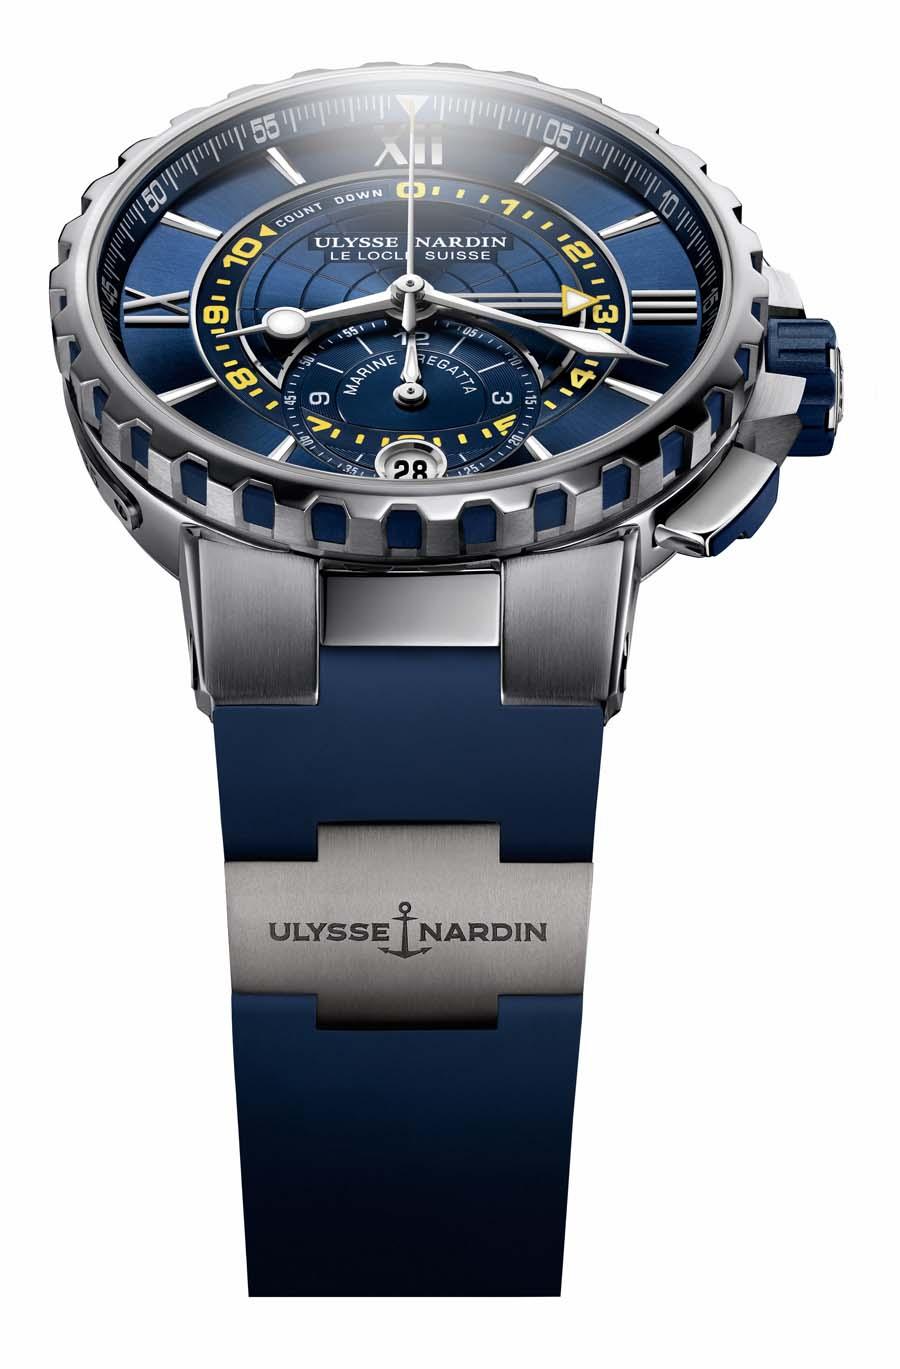 Die Regatta-Funktion des Marine Regatta Chronographen hat Ulysse Nardin zum Patent angemeldet.